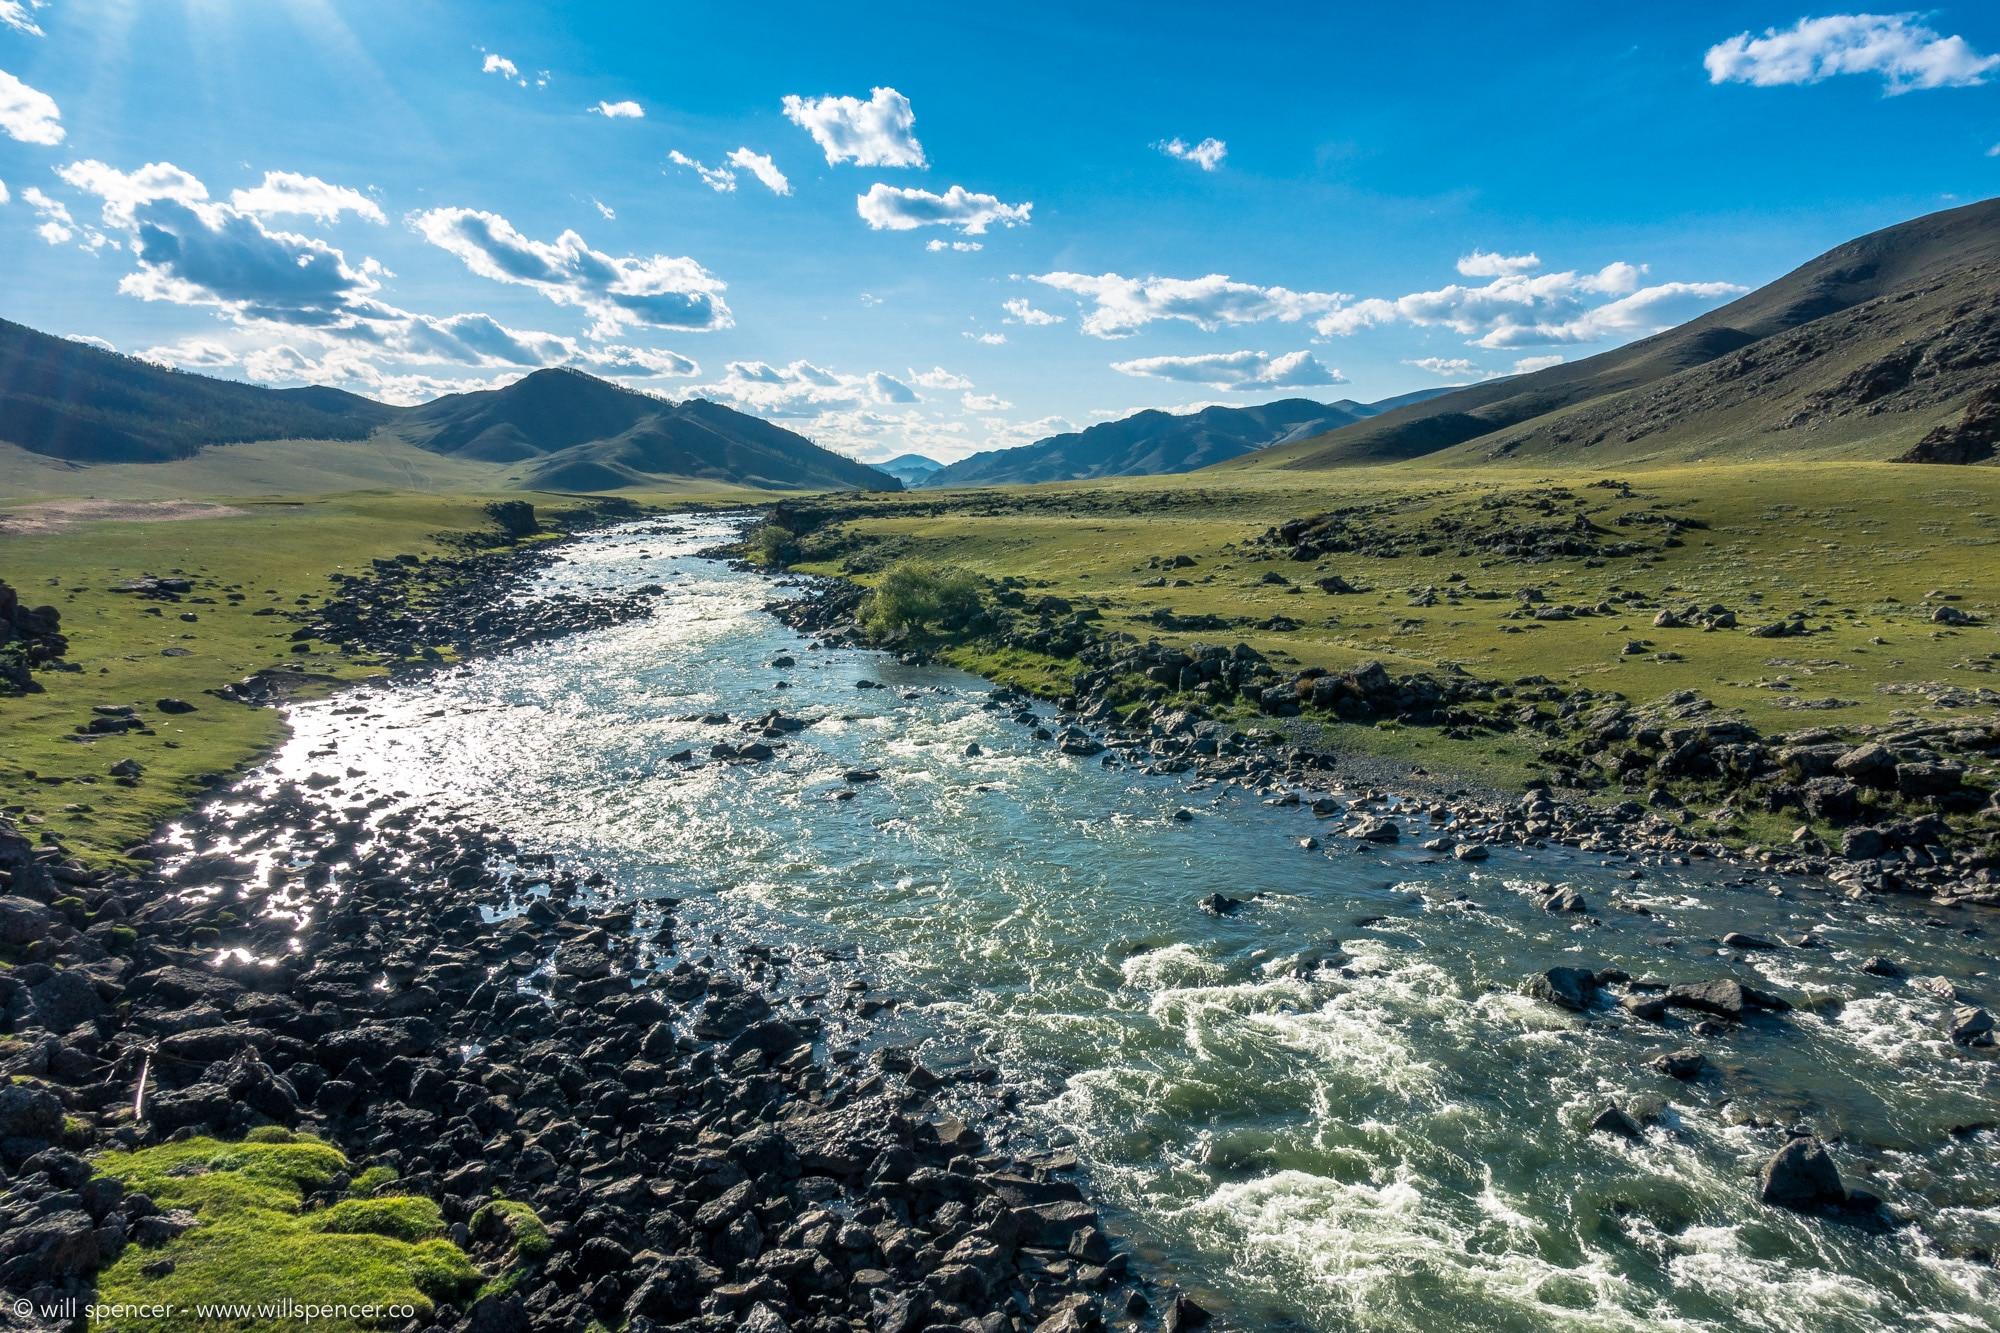 20170906_SC_MONG_Orkhon_River_Rocks.jpg